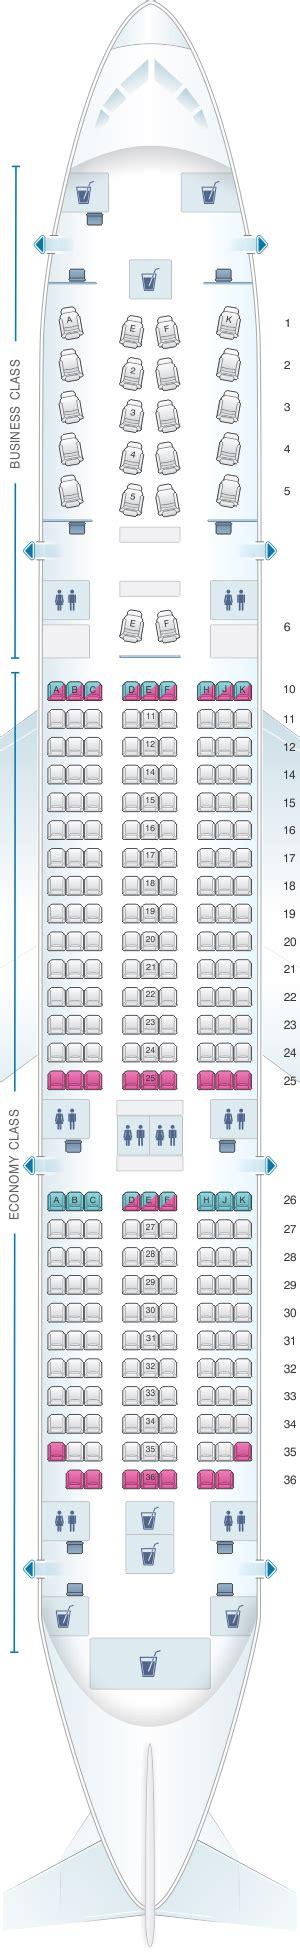 plan siege a380 plan de cabine qatar airways boeing b787 dreamliner 254pax